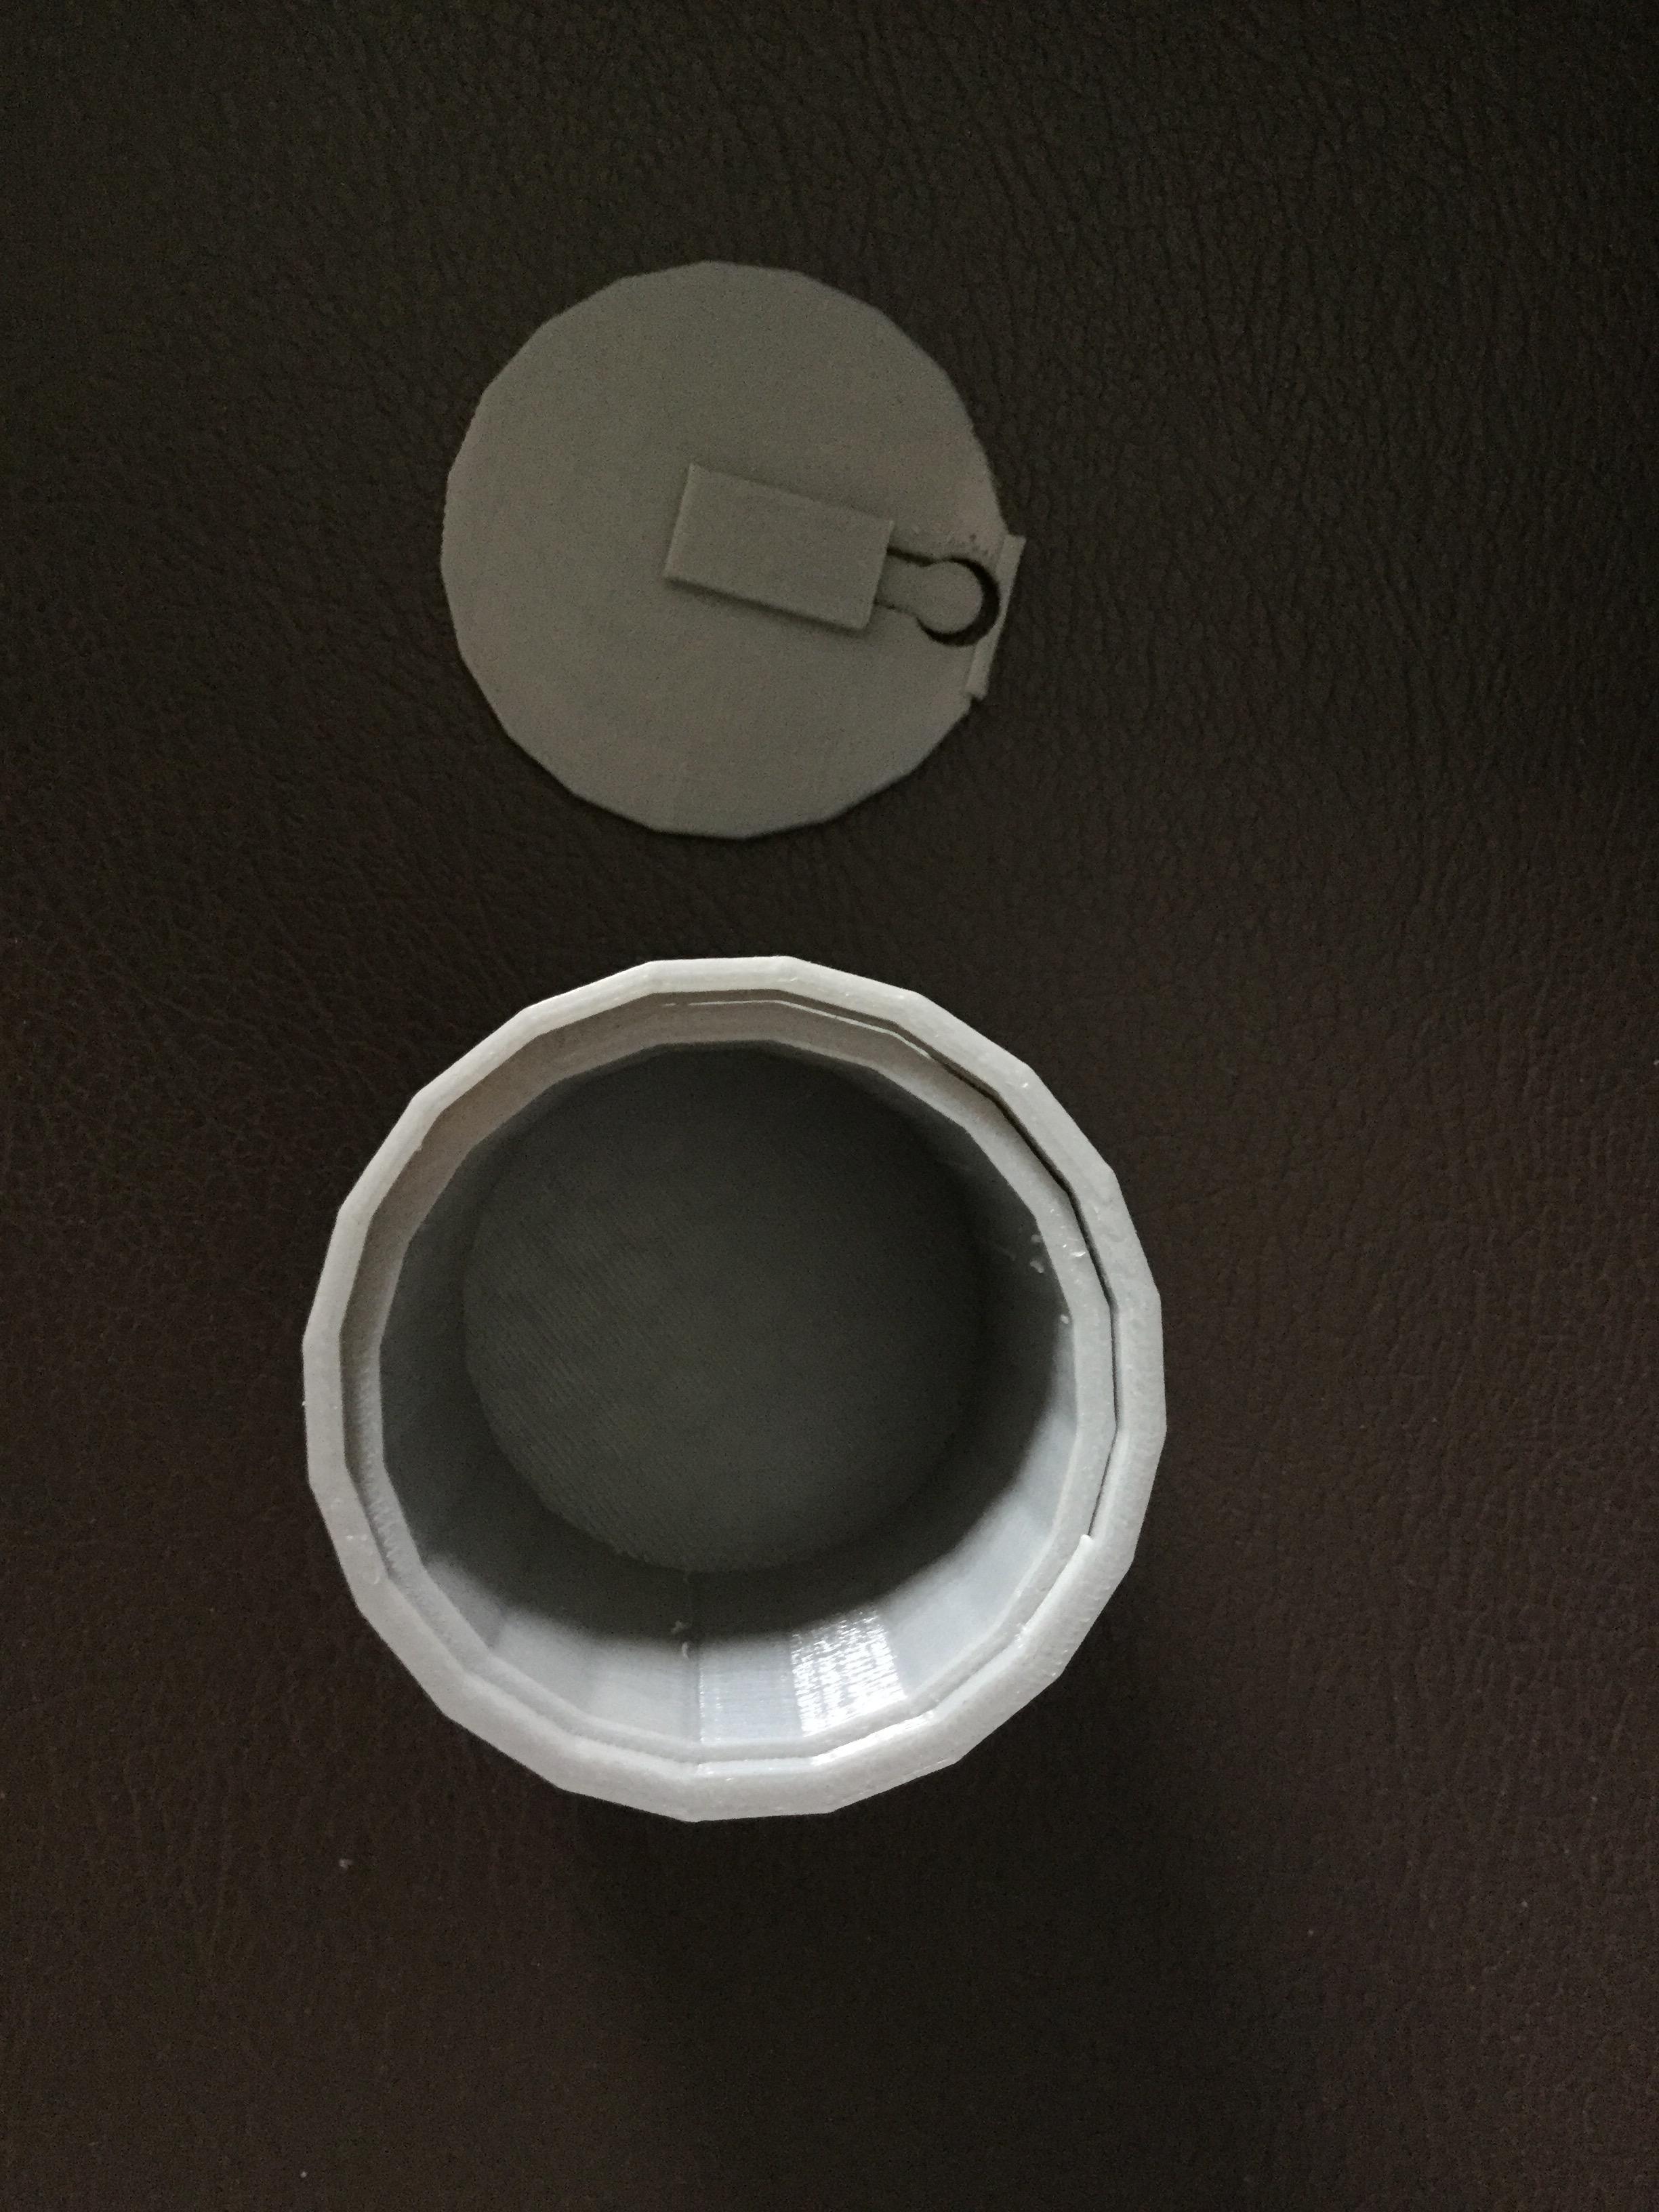 photo regarding Chug Jug Printable identified as 3D Printable chug jug via alexander cooper